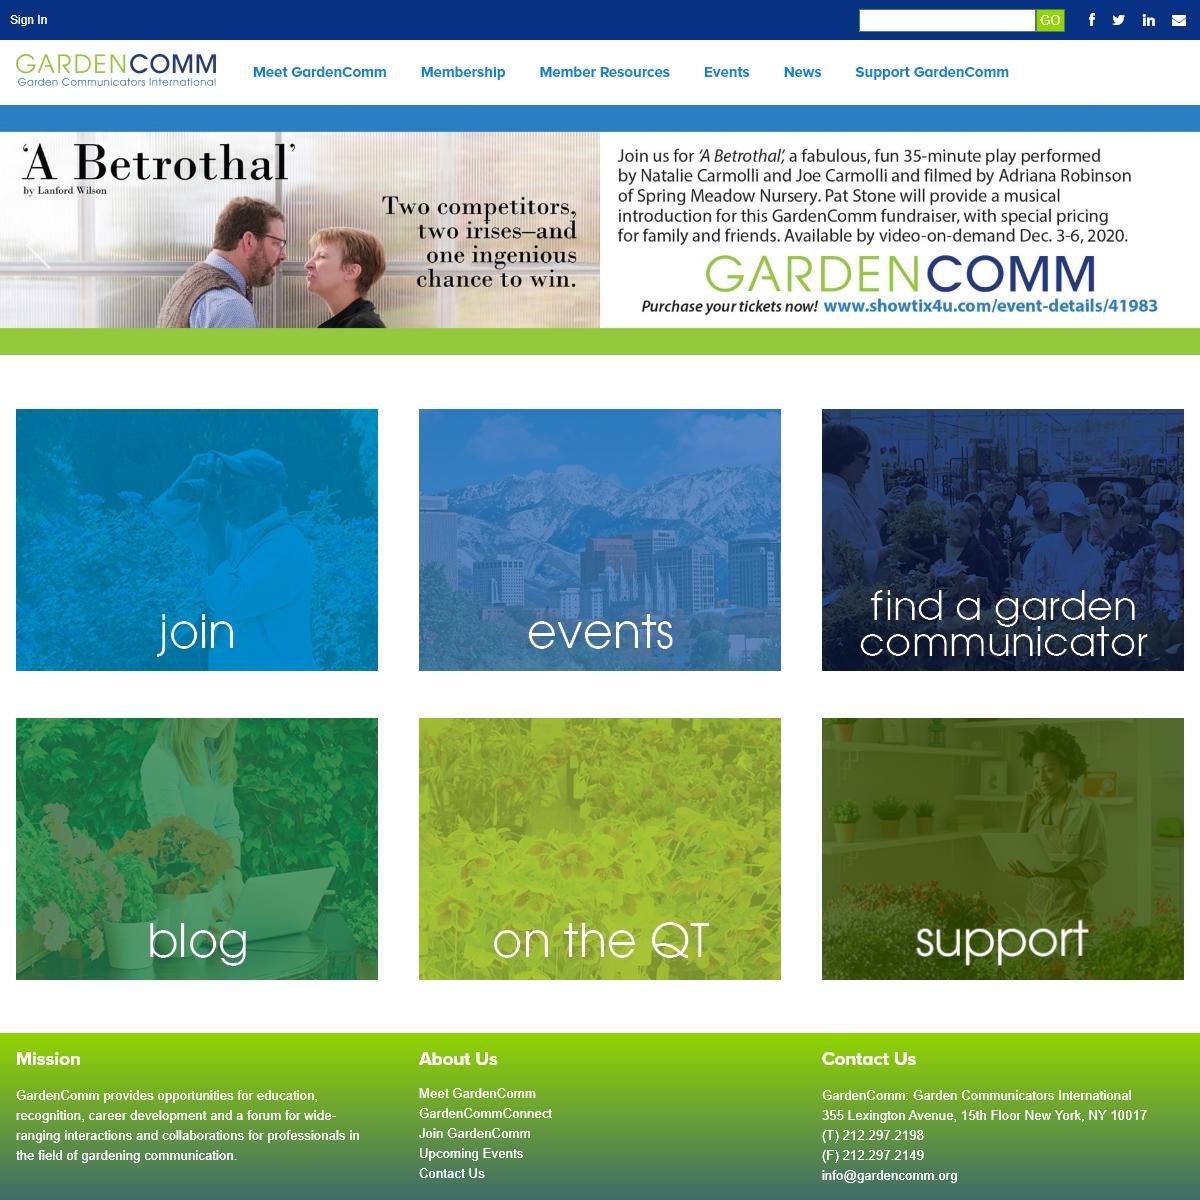 GardenComm - Garden Communicators International - New York, NY